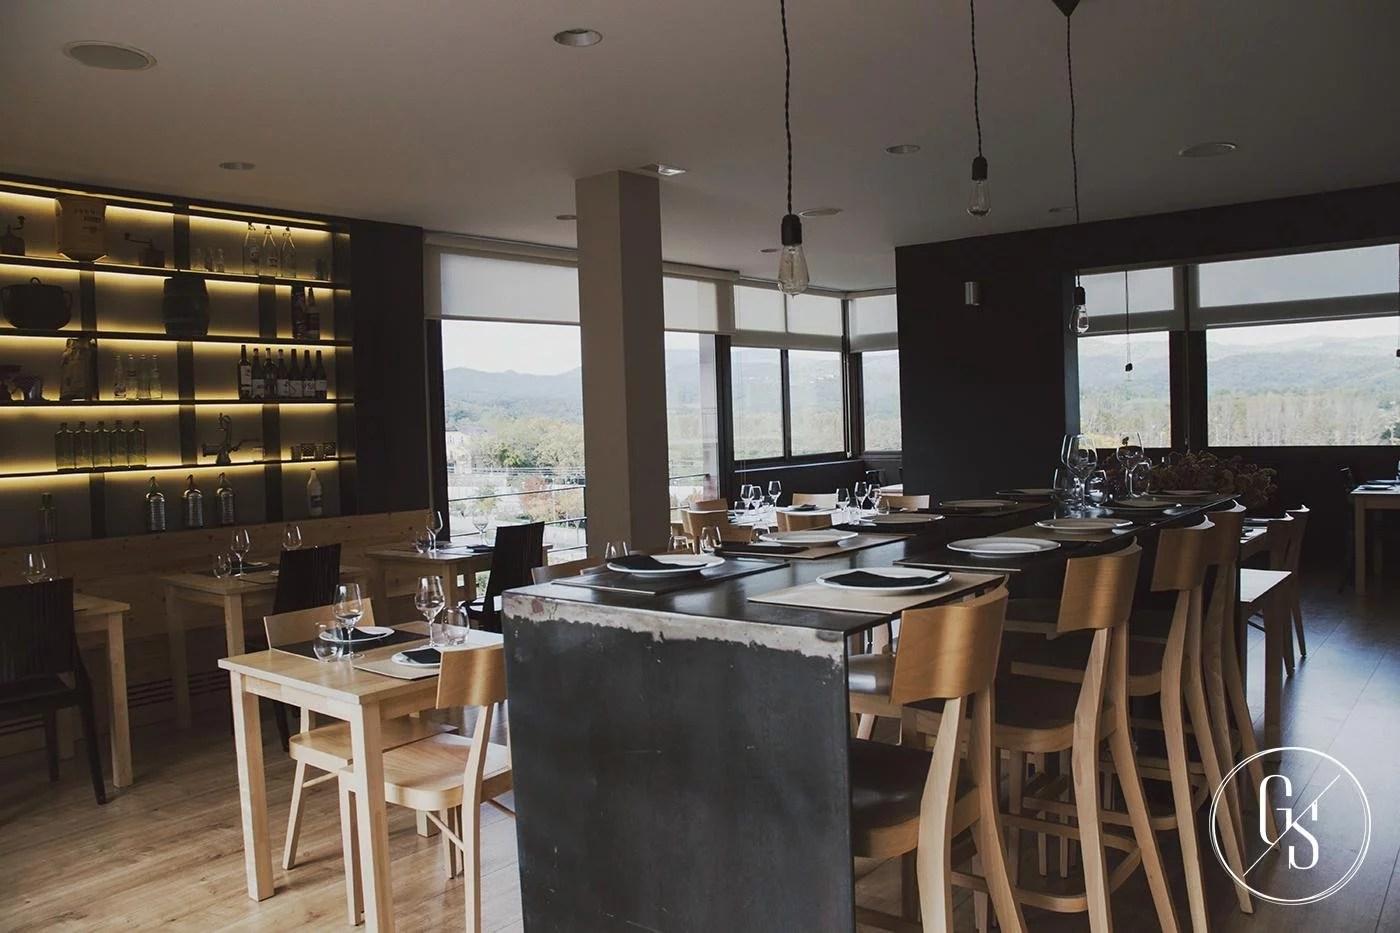 Restaurant Quatre Vents 3.0 Hostalric